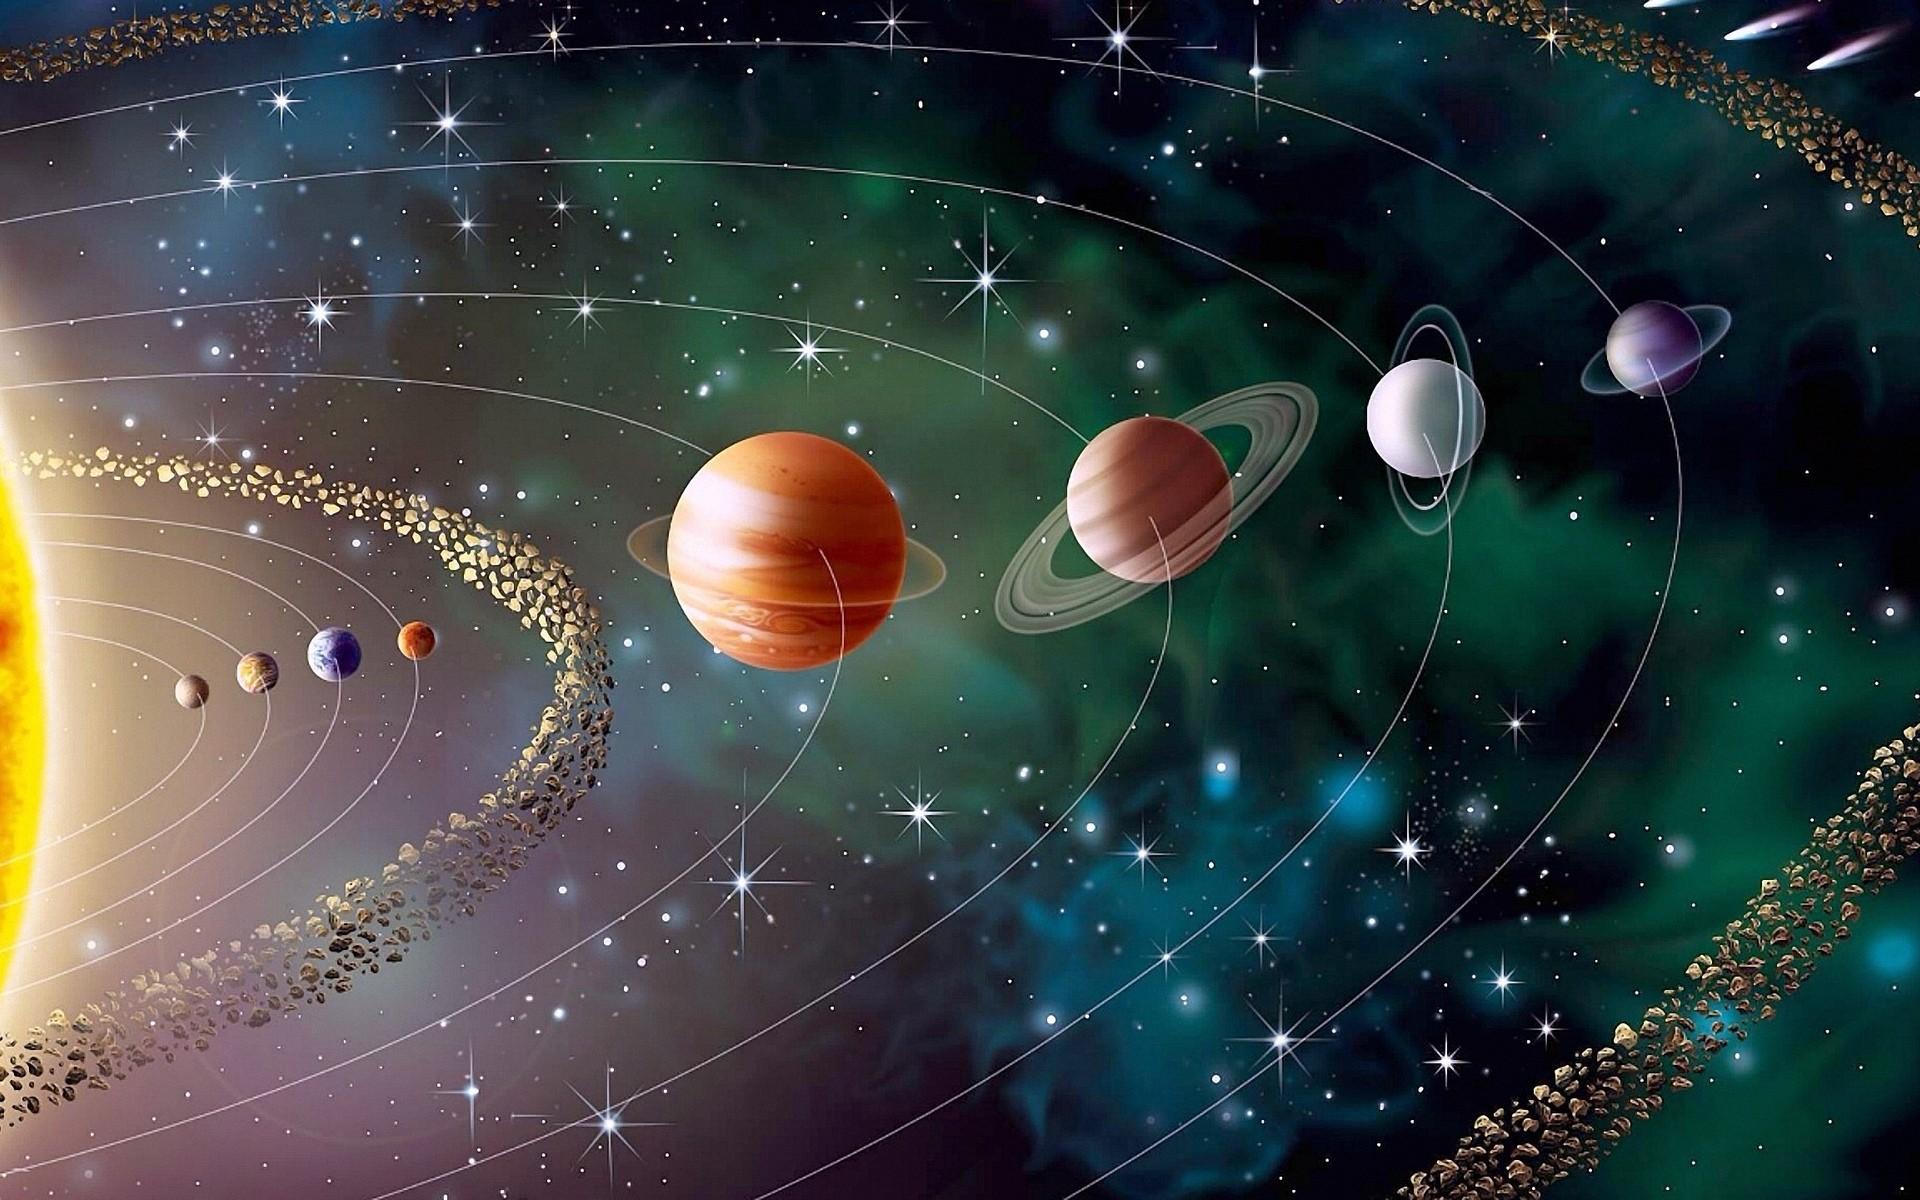 Солнечная система: история открытия и начало исследования